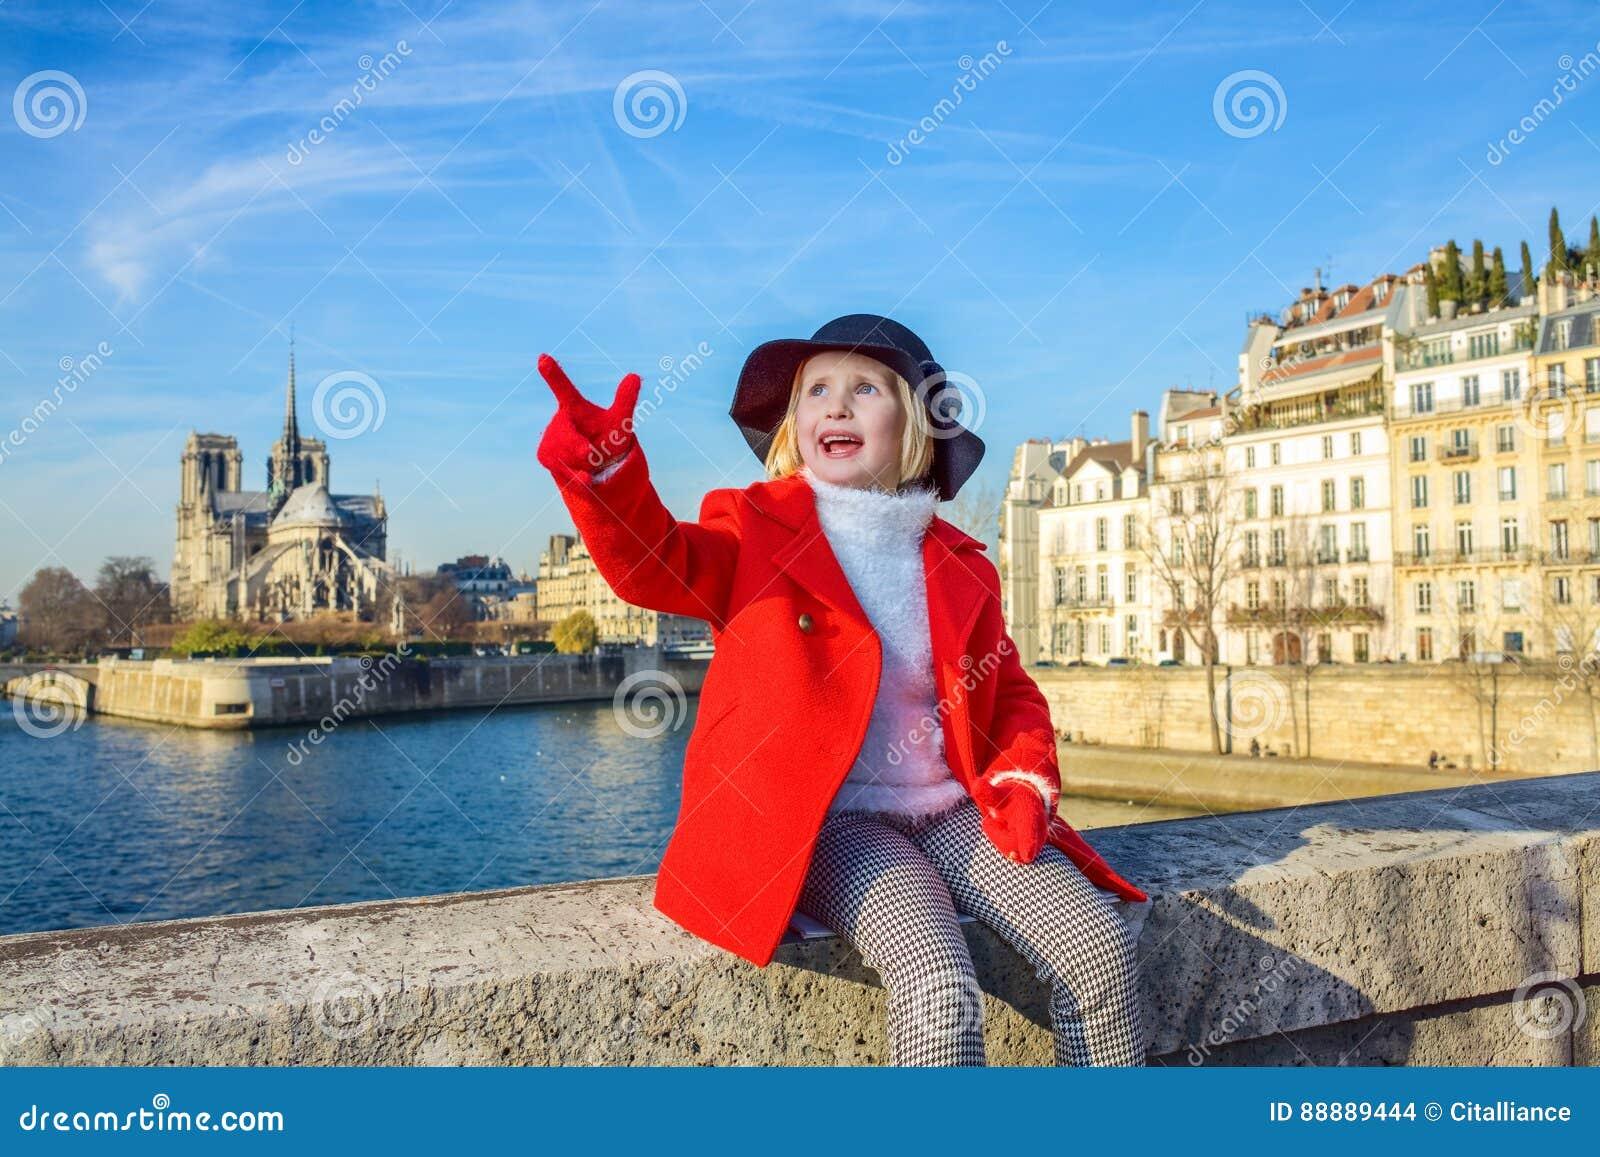 堤防的孩子在巴黎圣母院附近在巴黎,法国